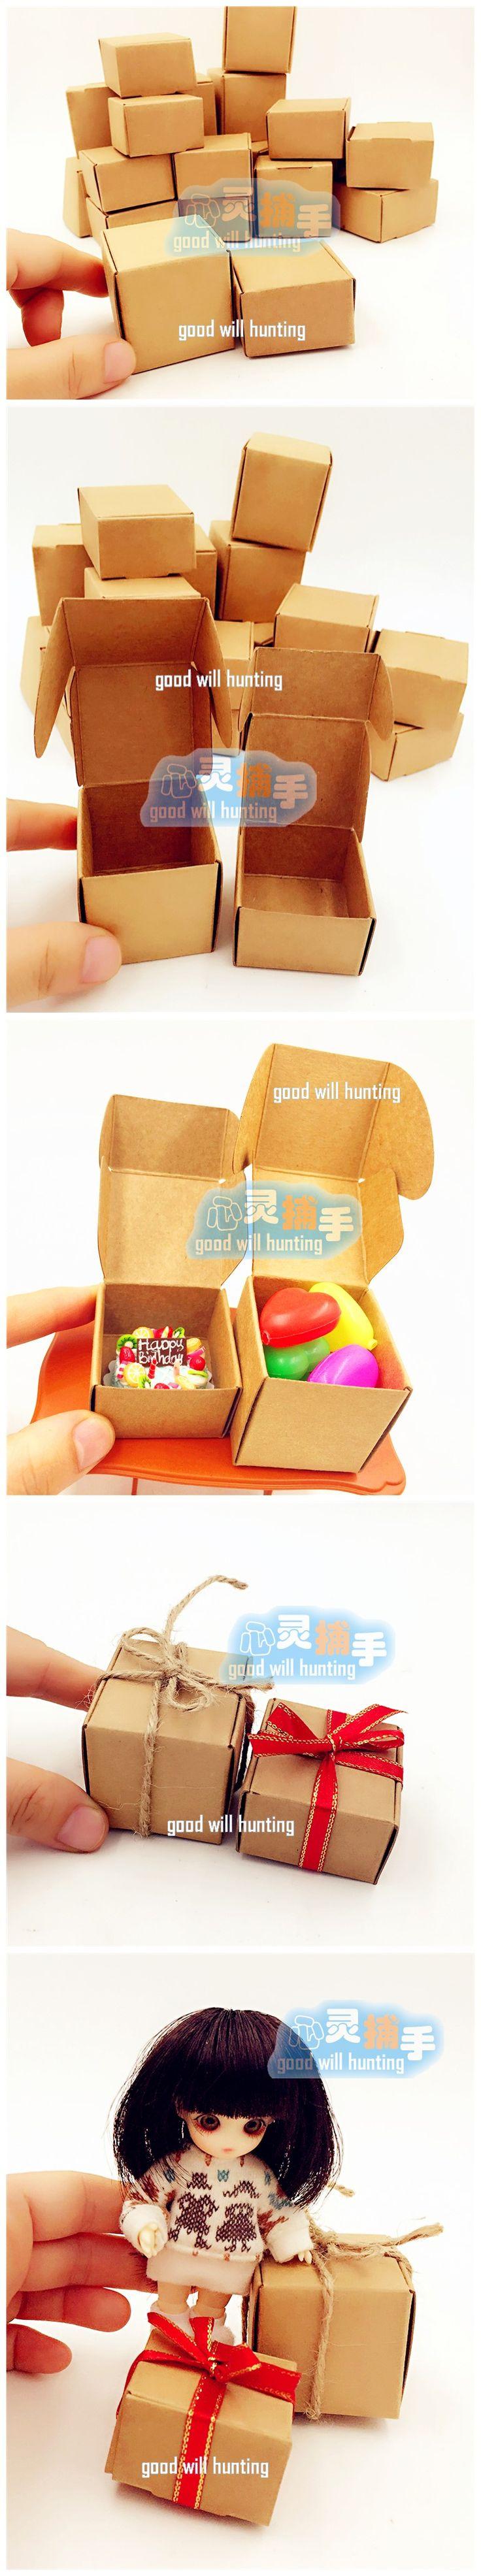 迷你比例模型12分6分 牛皮纸微缩纸盒 娃用快递盒礼物盒袖珍纸箱-淘宝网全球站